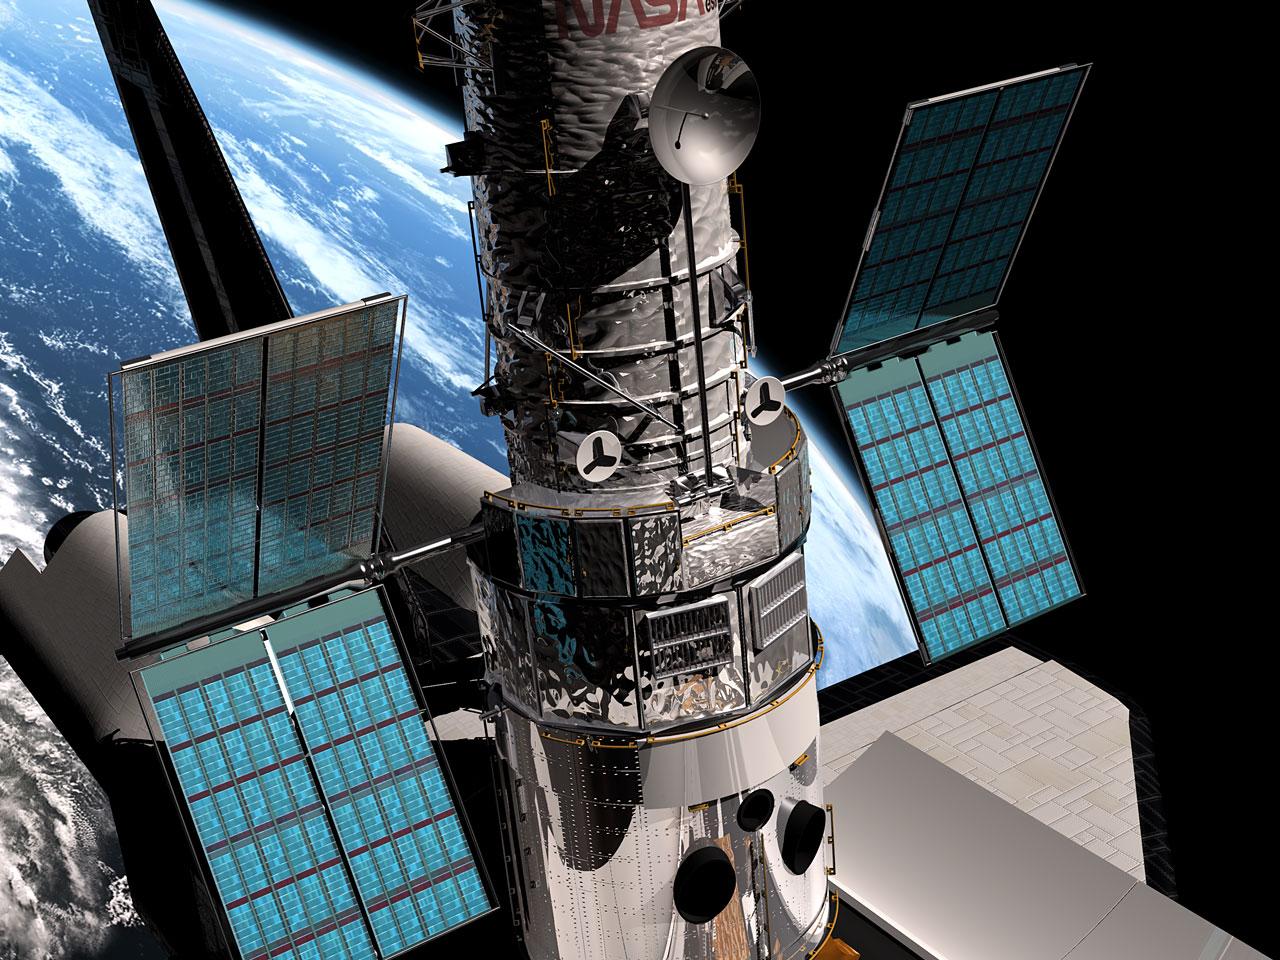 الألواح الشمسية لتلسكوب هابل